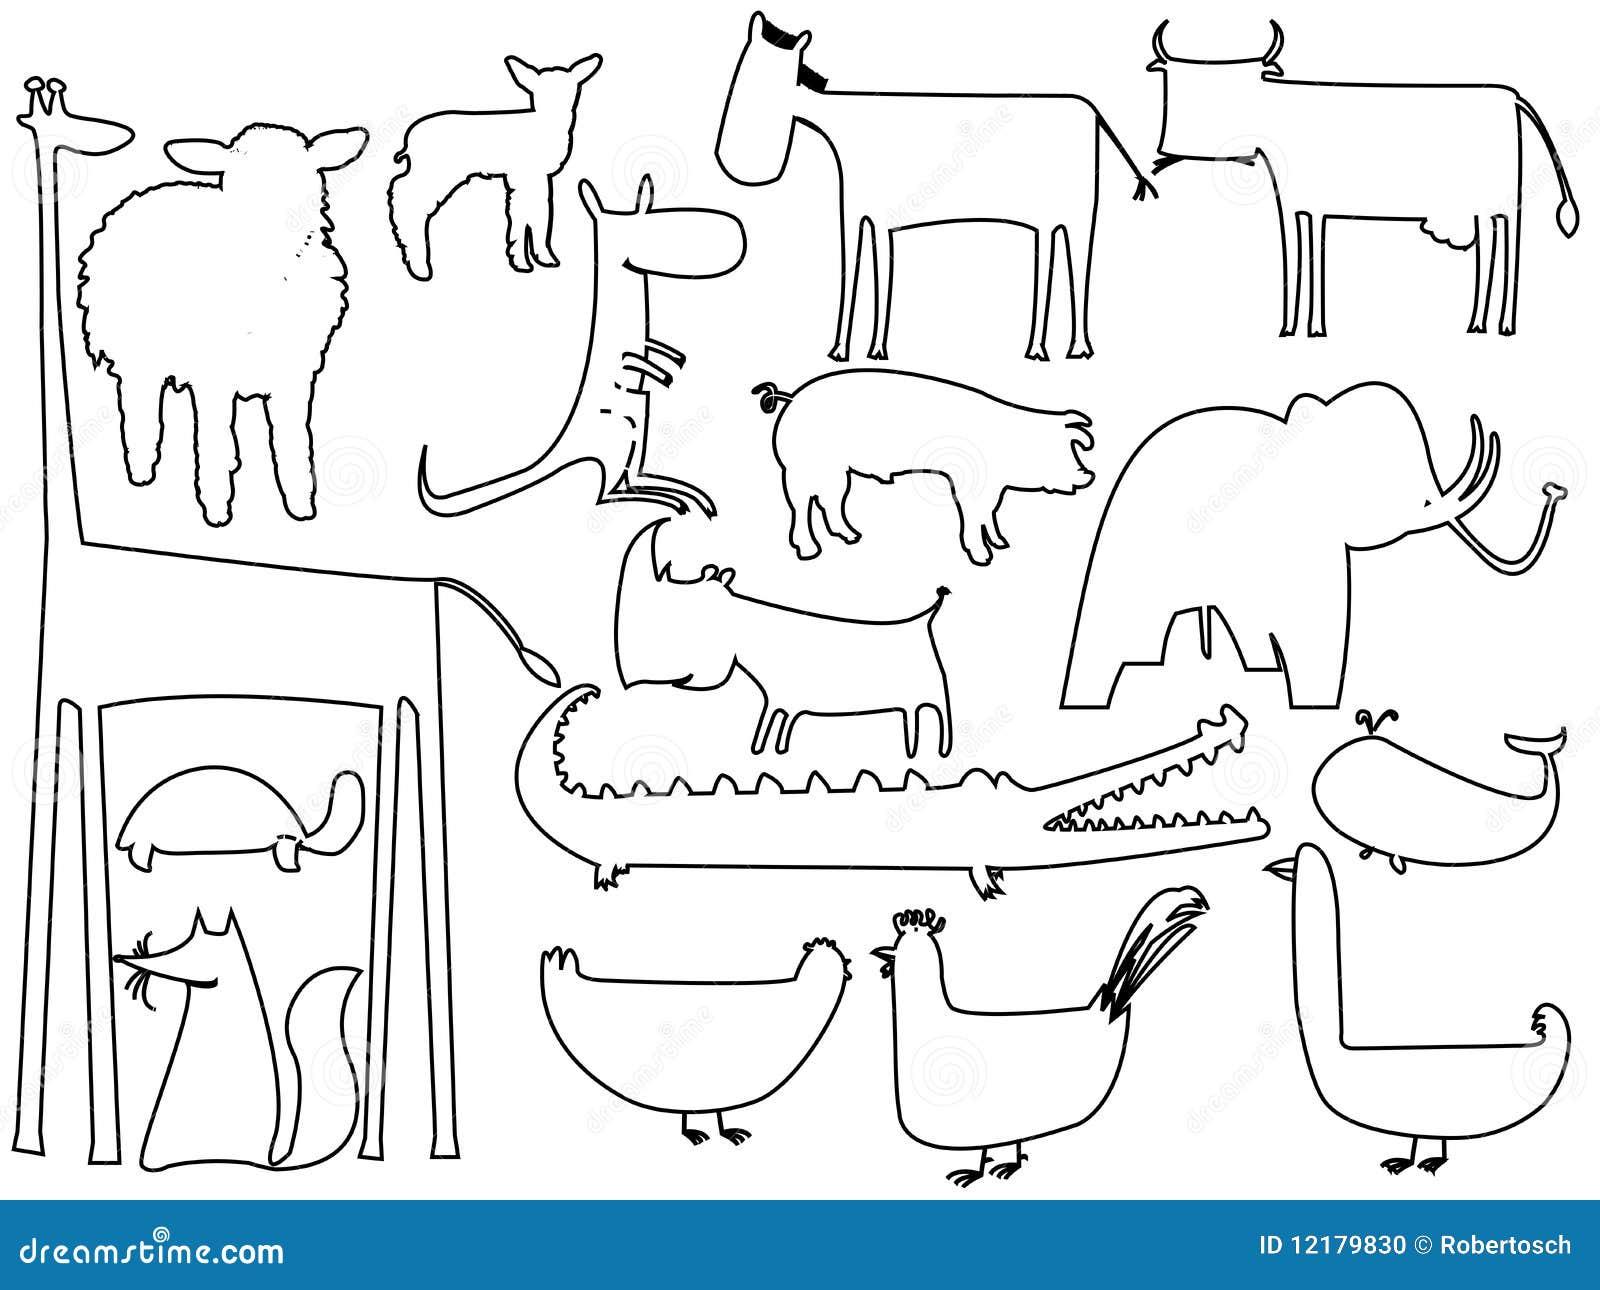 Siluetas Blancos Y Negros Animales En Blanco Ilustración